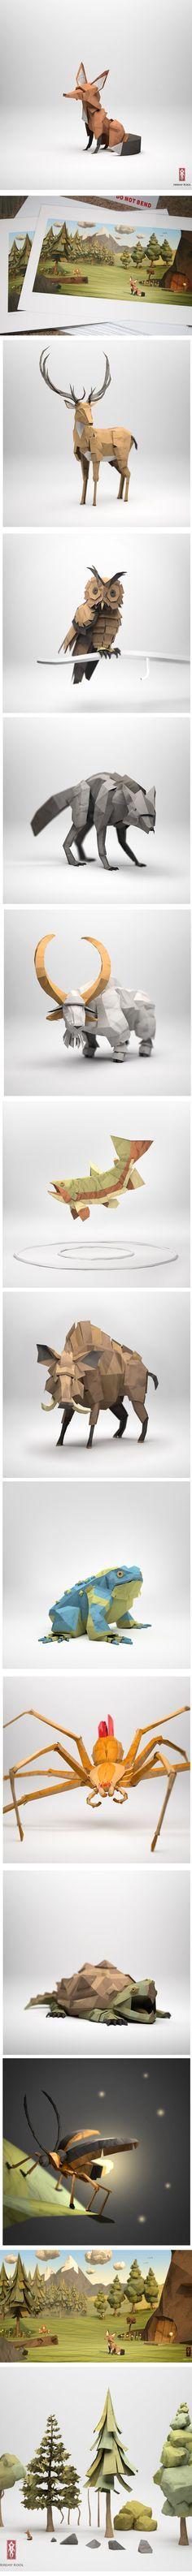 Les animaux de papier de Jeremy Kool